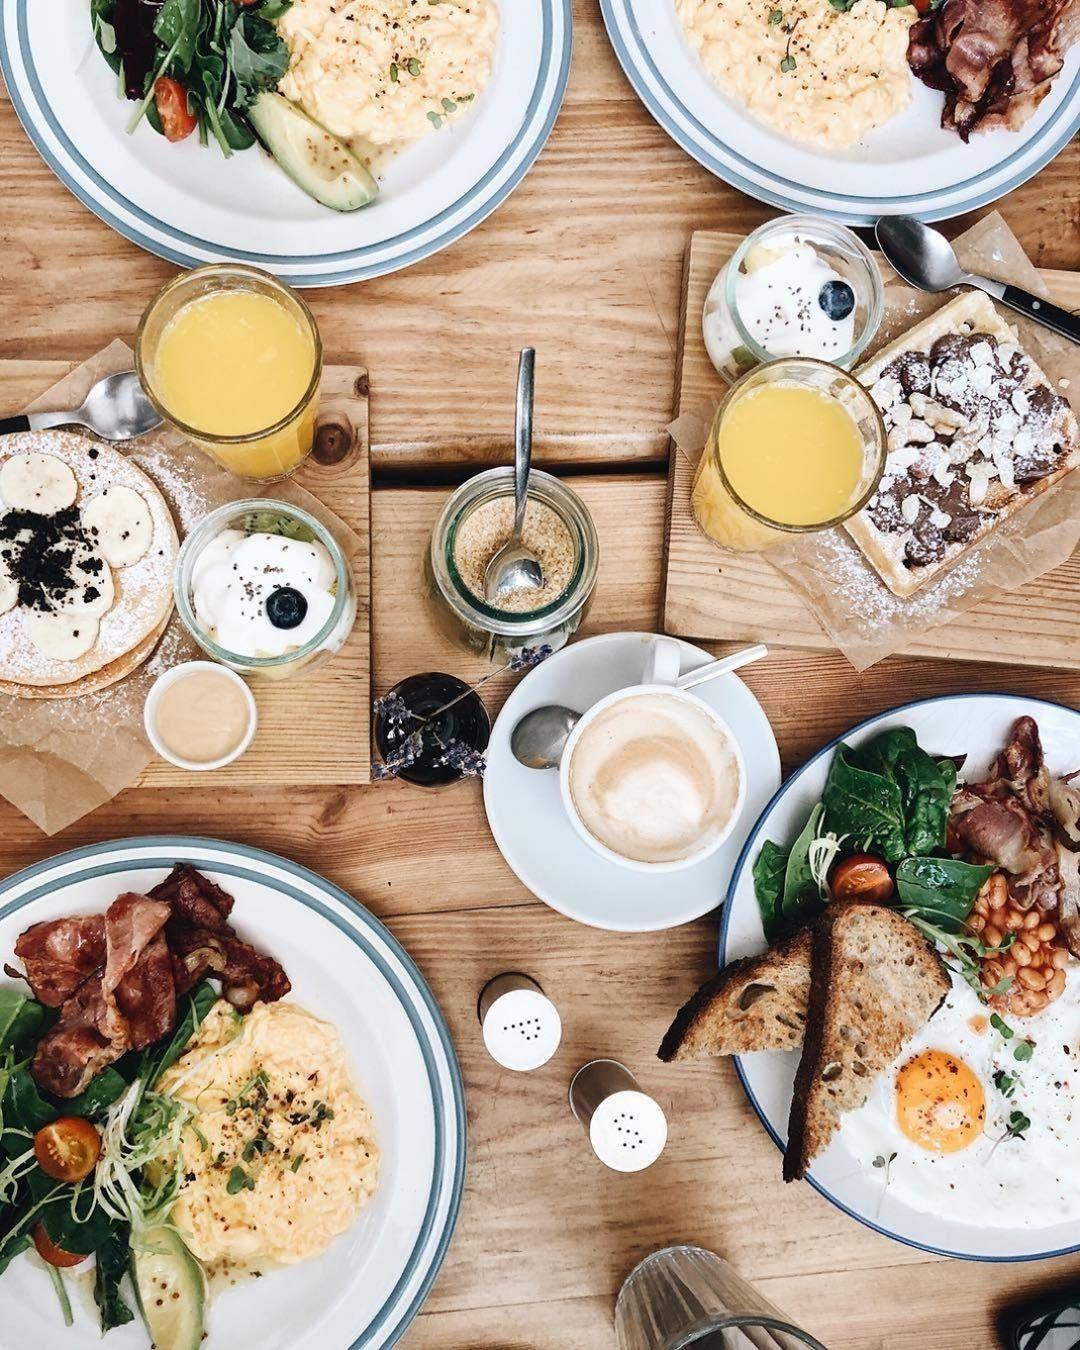 Best Brunch and Breakfast in Lisbon